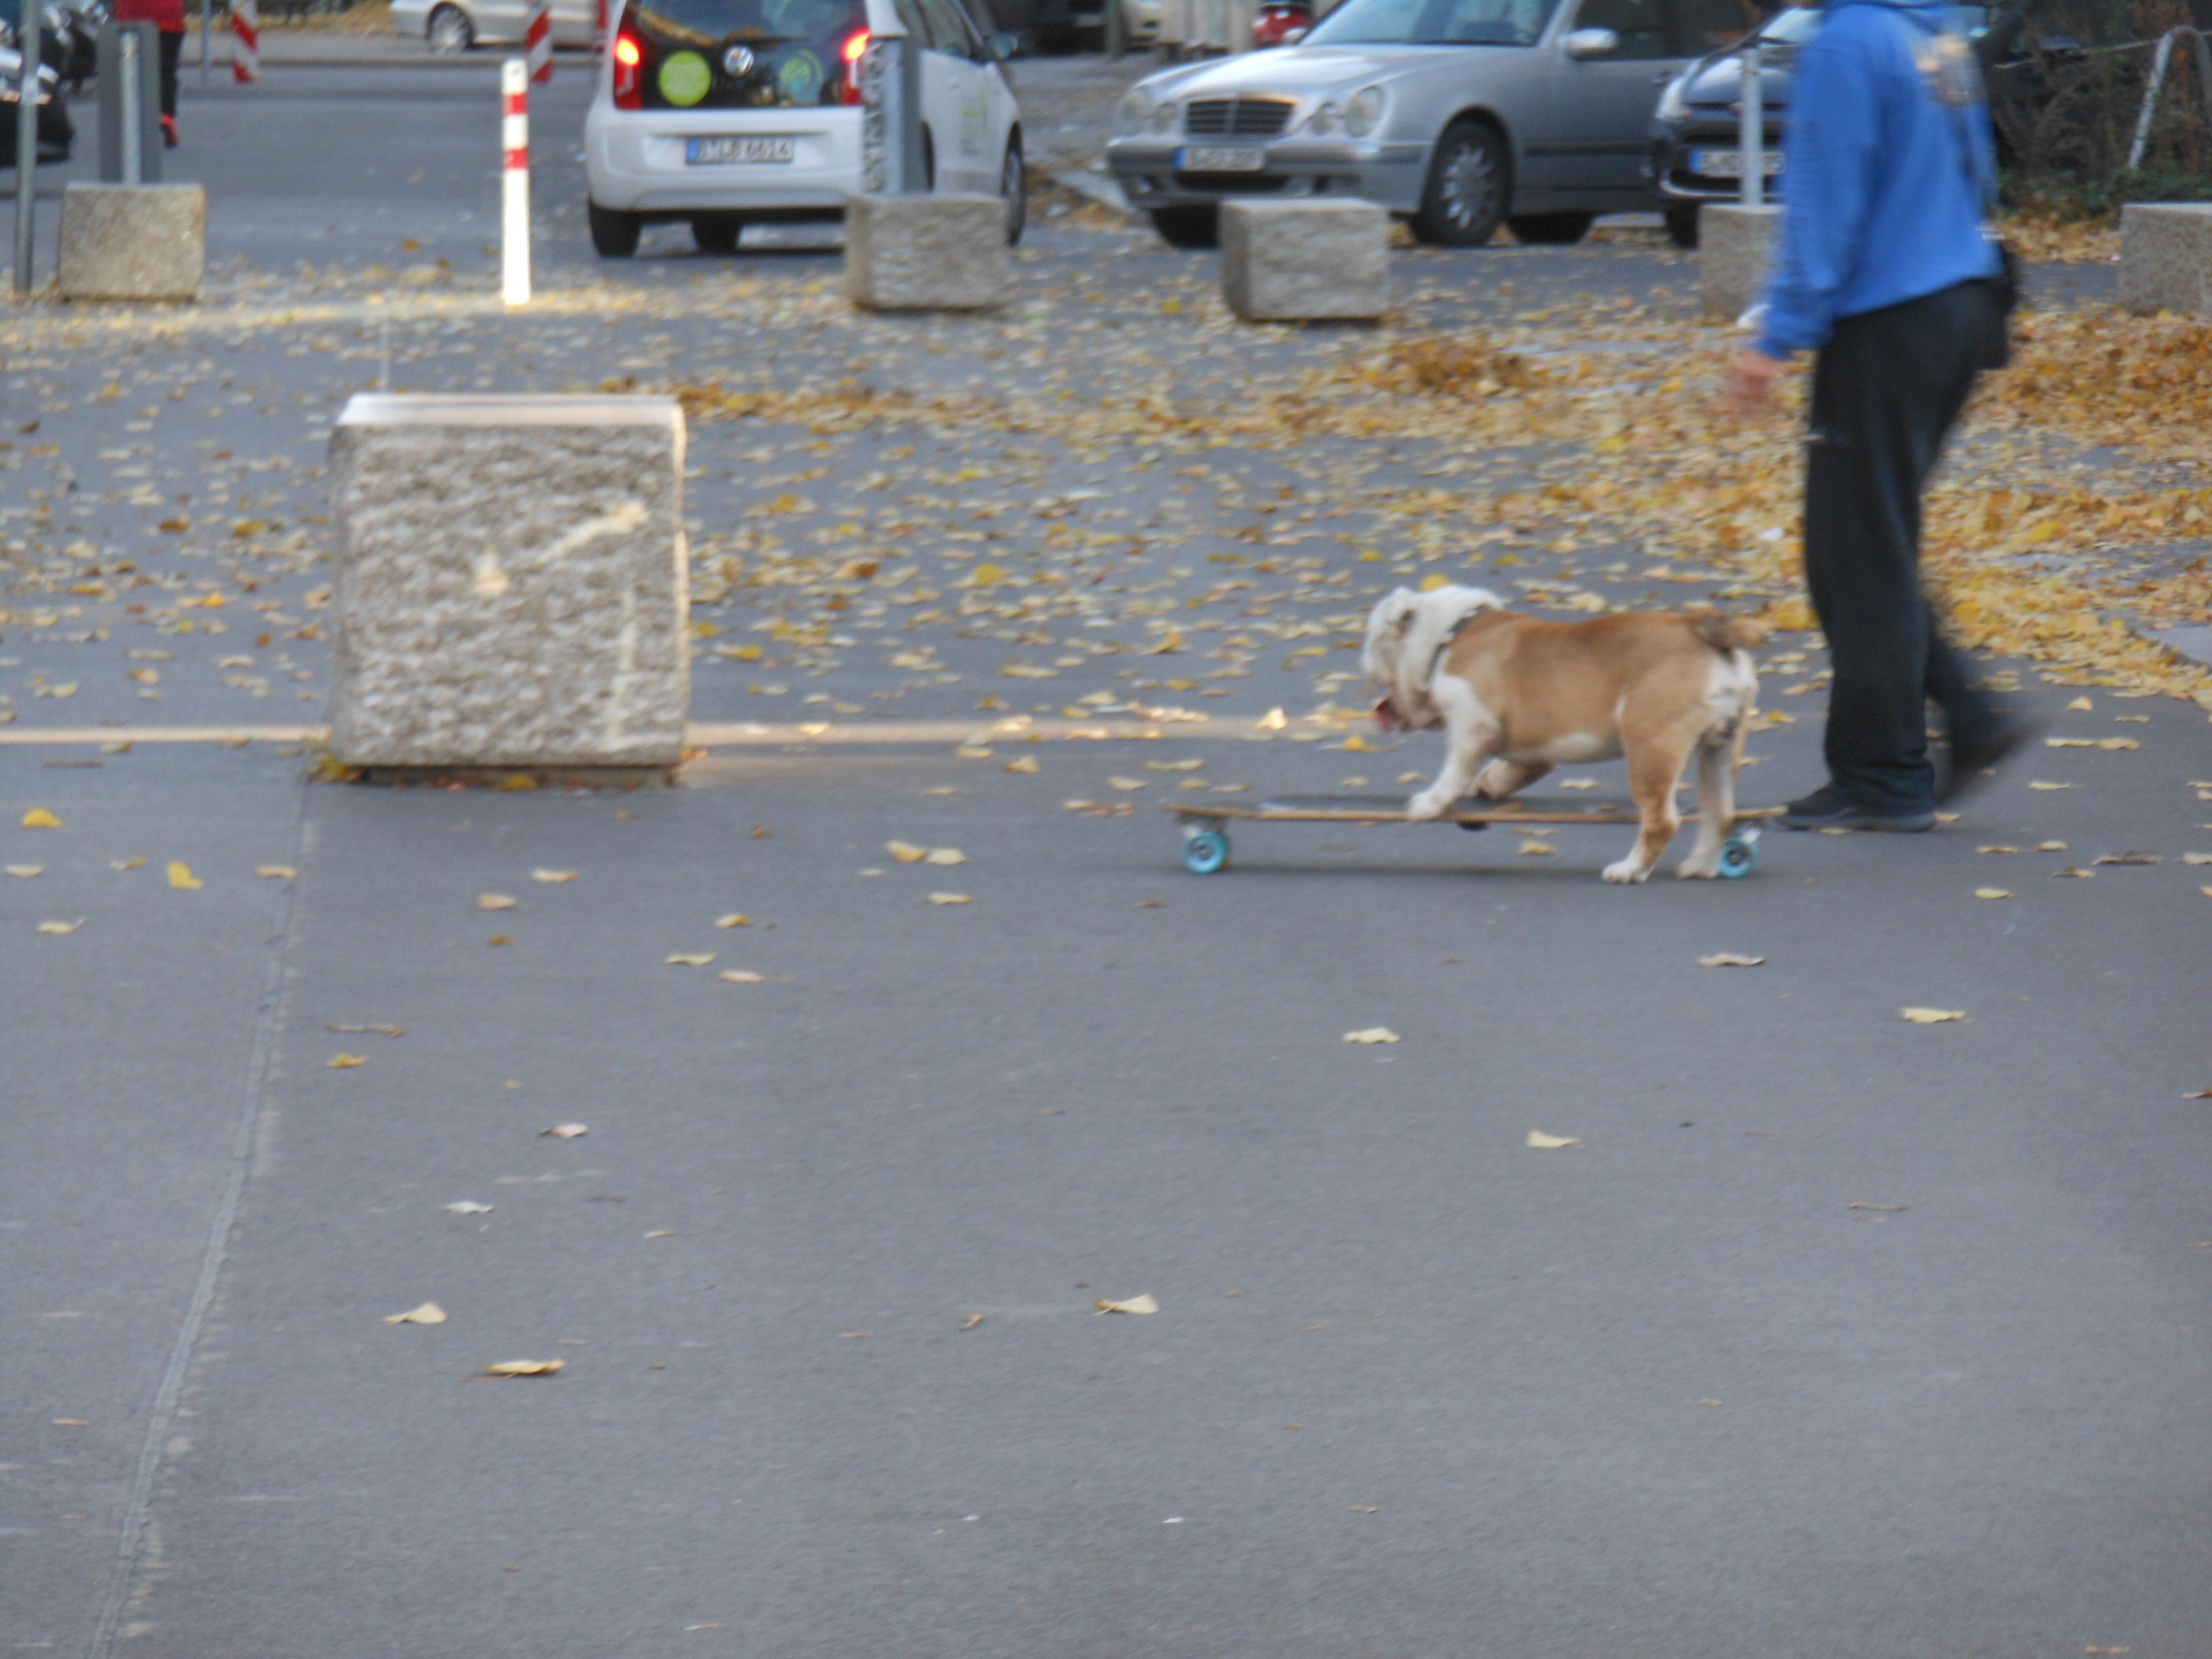 Skate-Dog